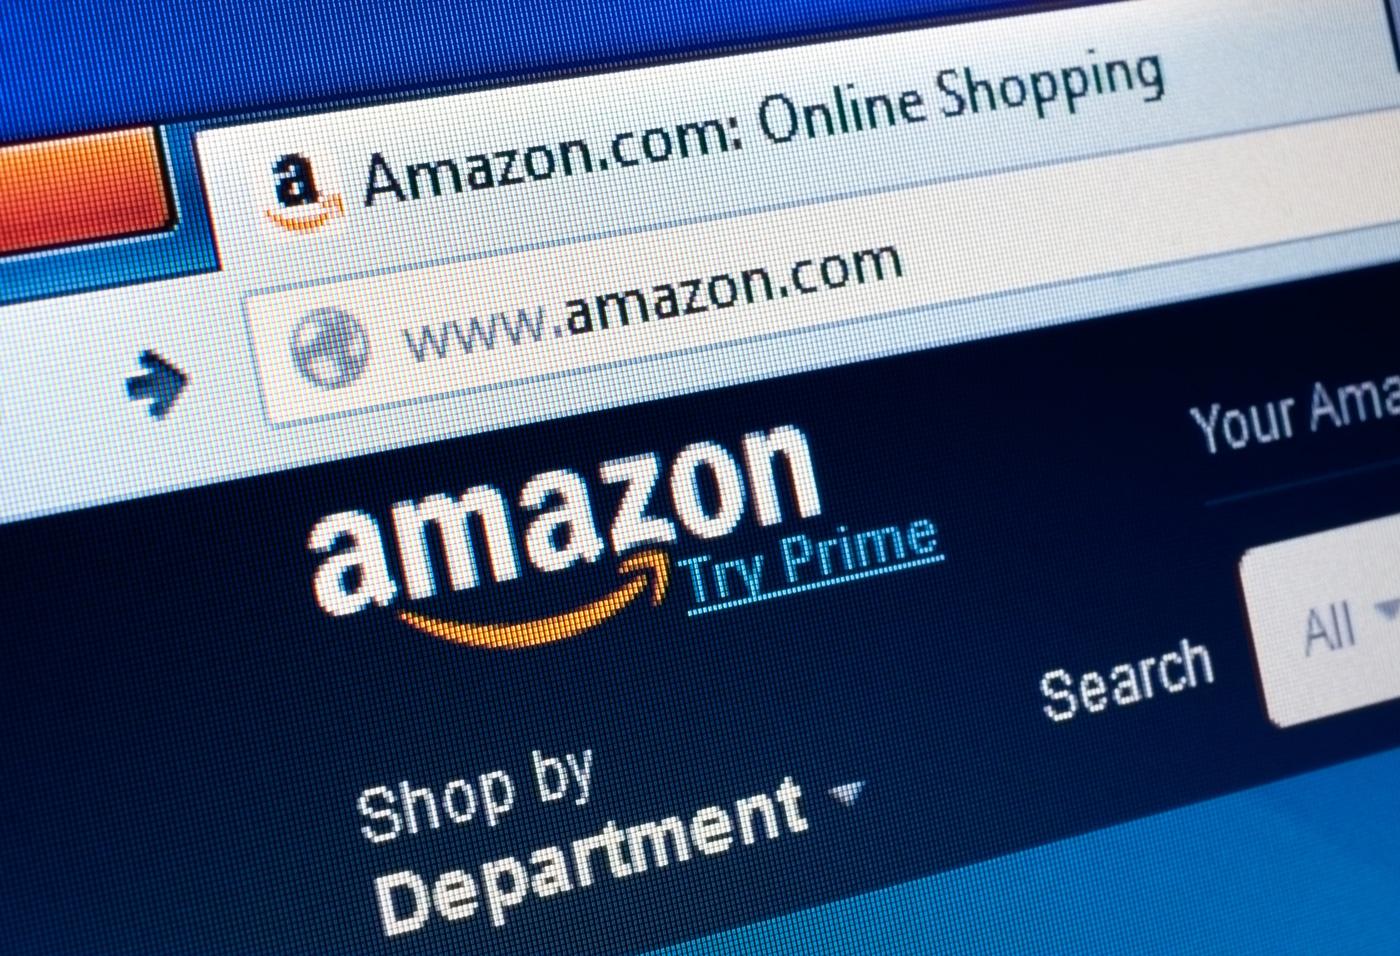 Example of Amazon website